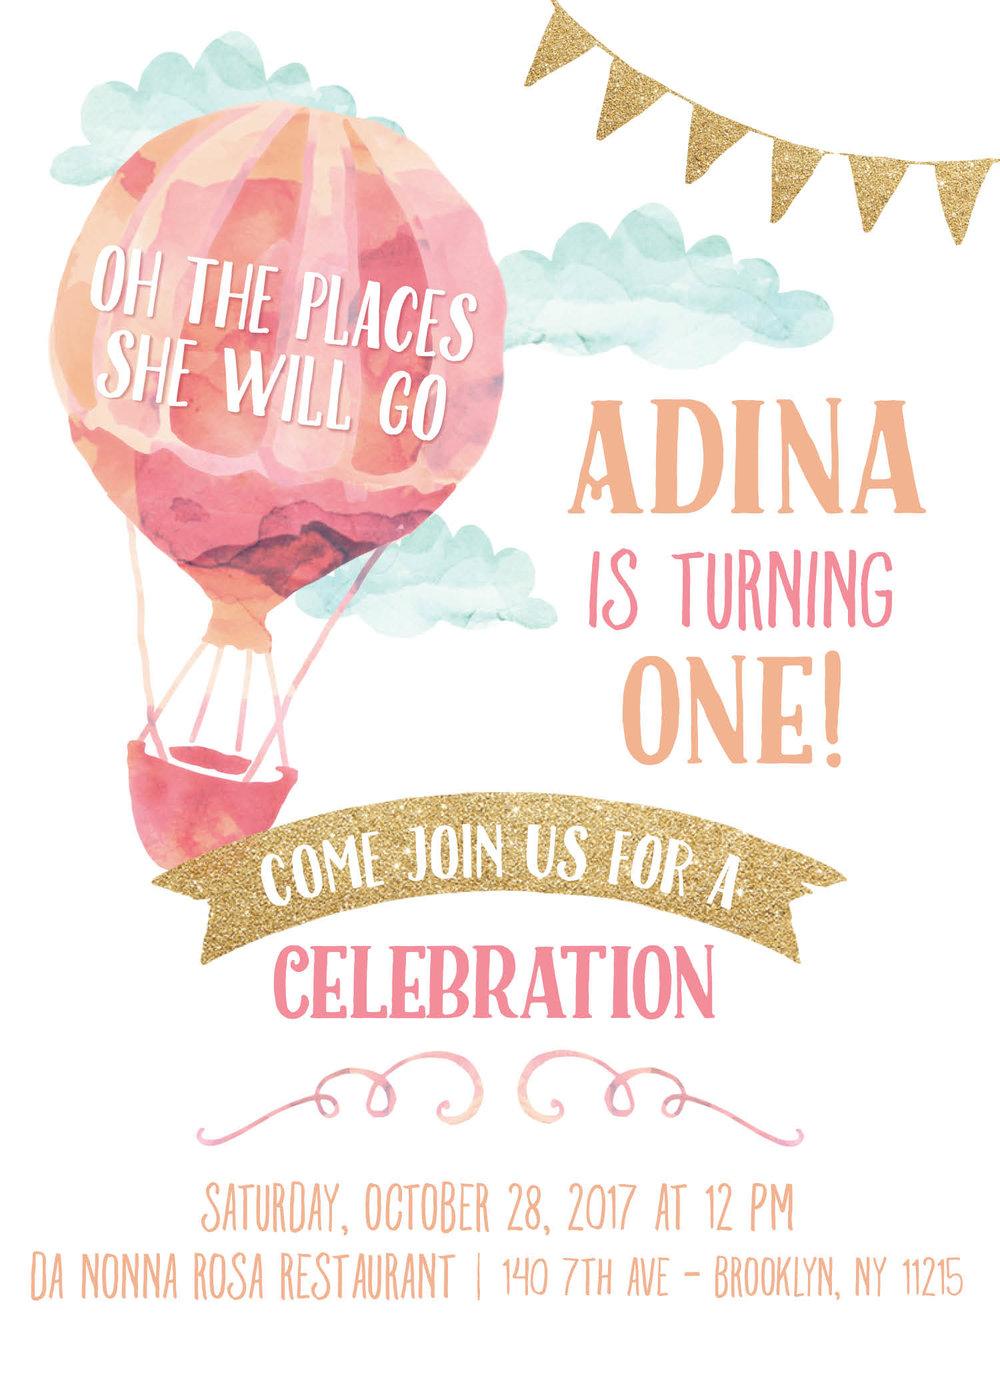 Adina 9.23 (1).jpg